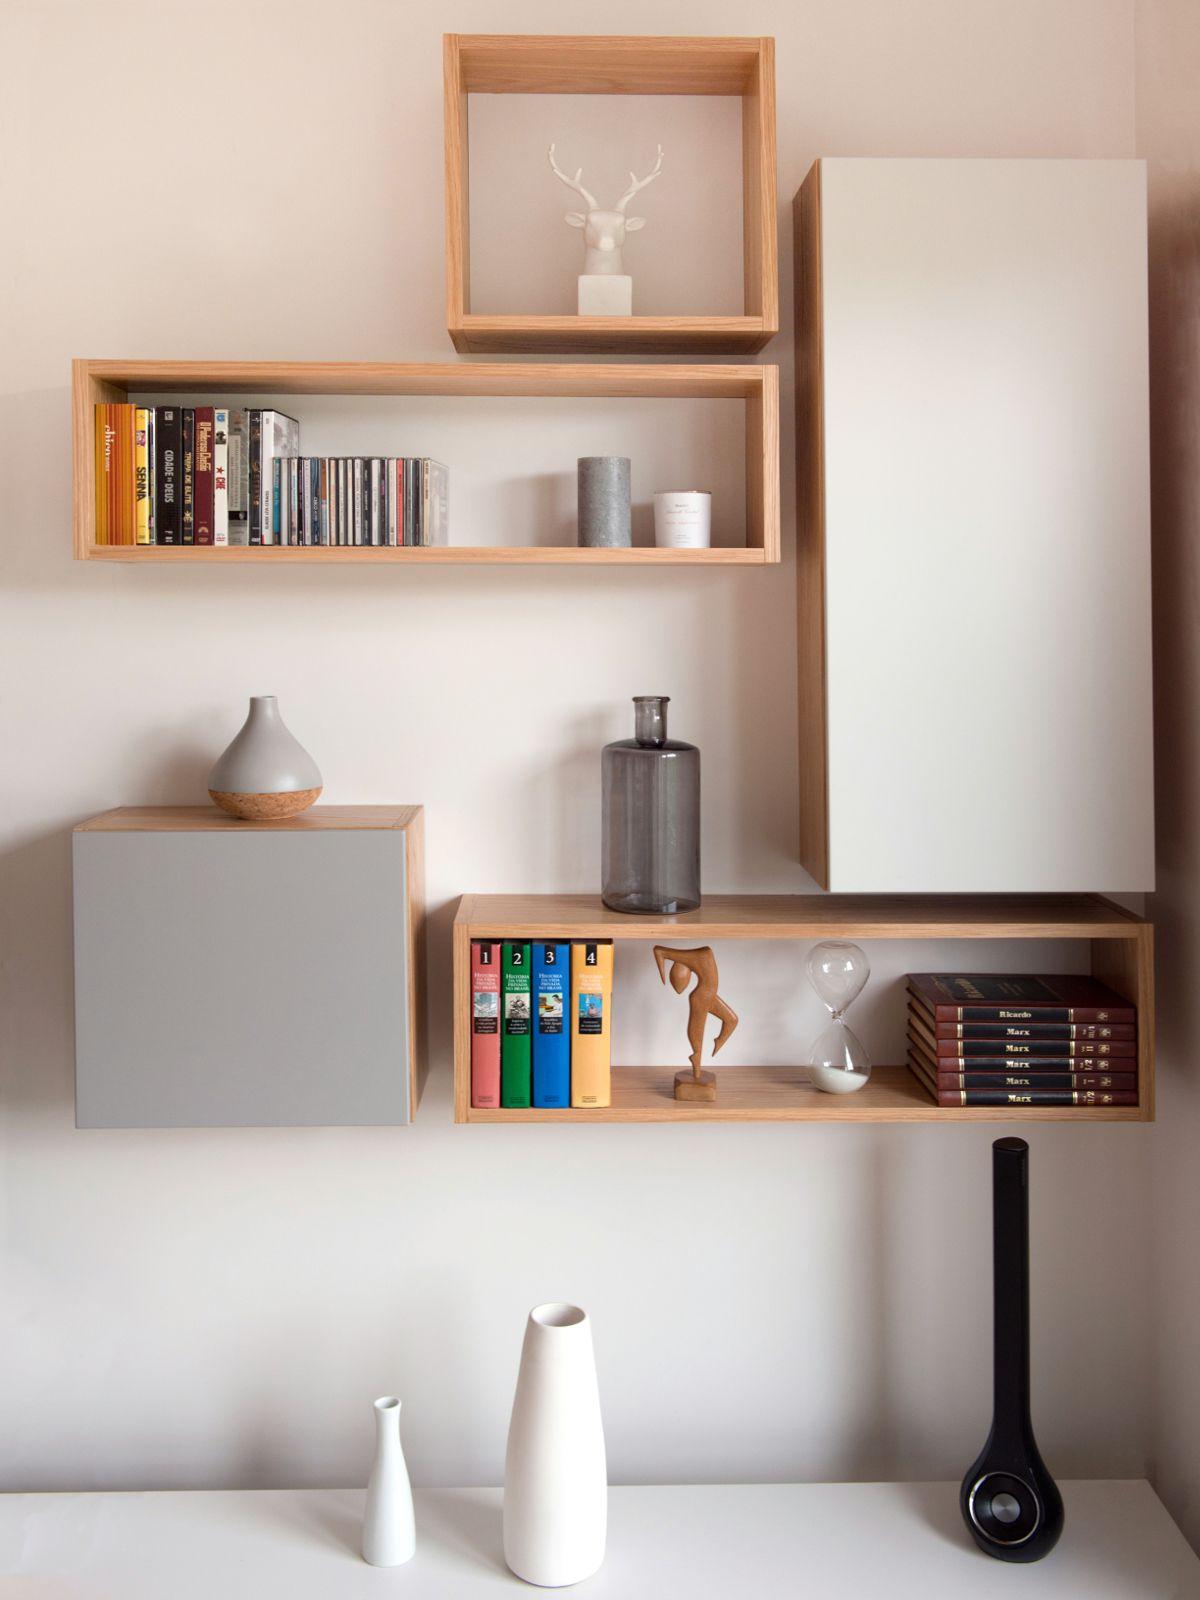 composition d etageres murales sur mesure chene clair et laque mate ambiance scandinave realisation murs et merveilles i custom made shelves